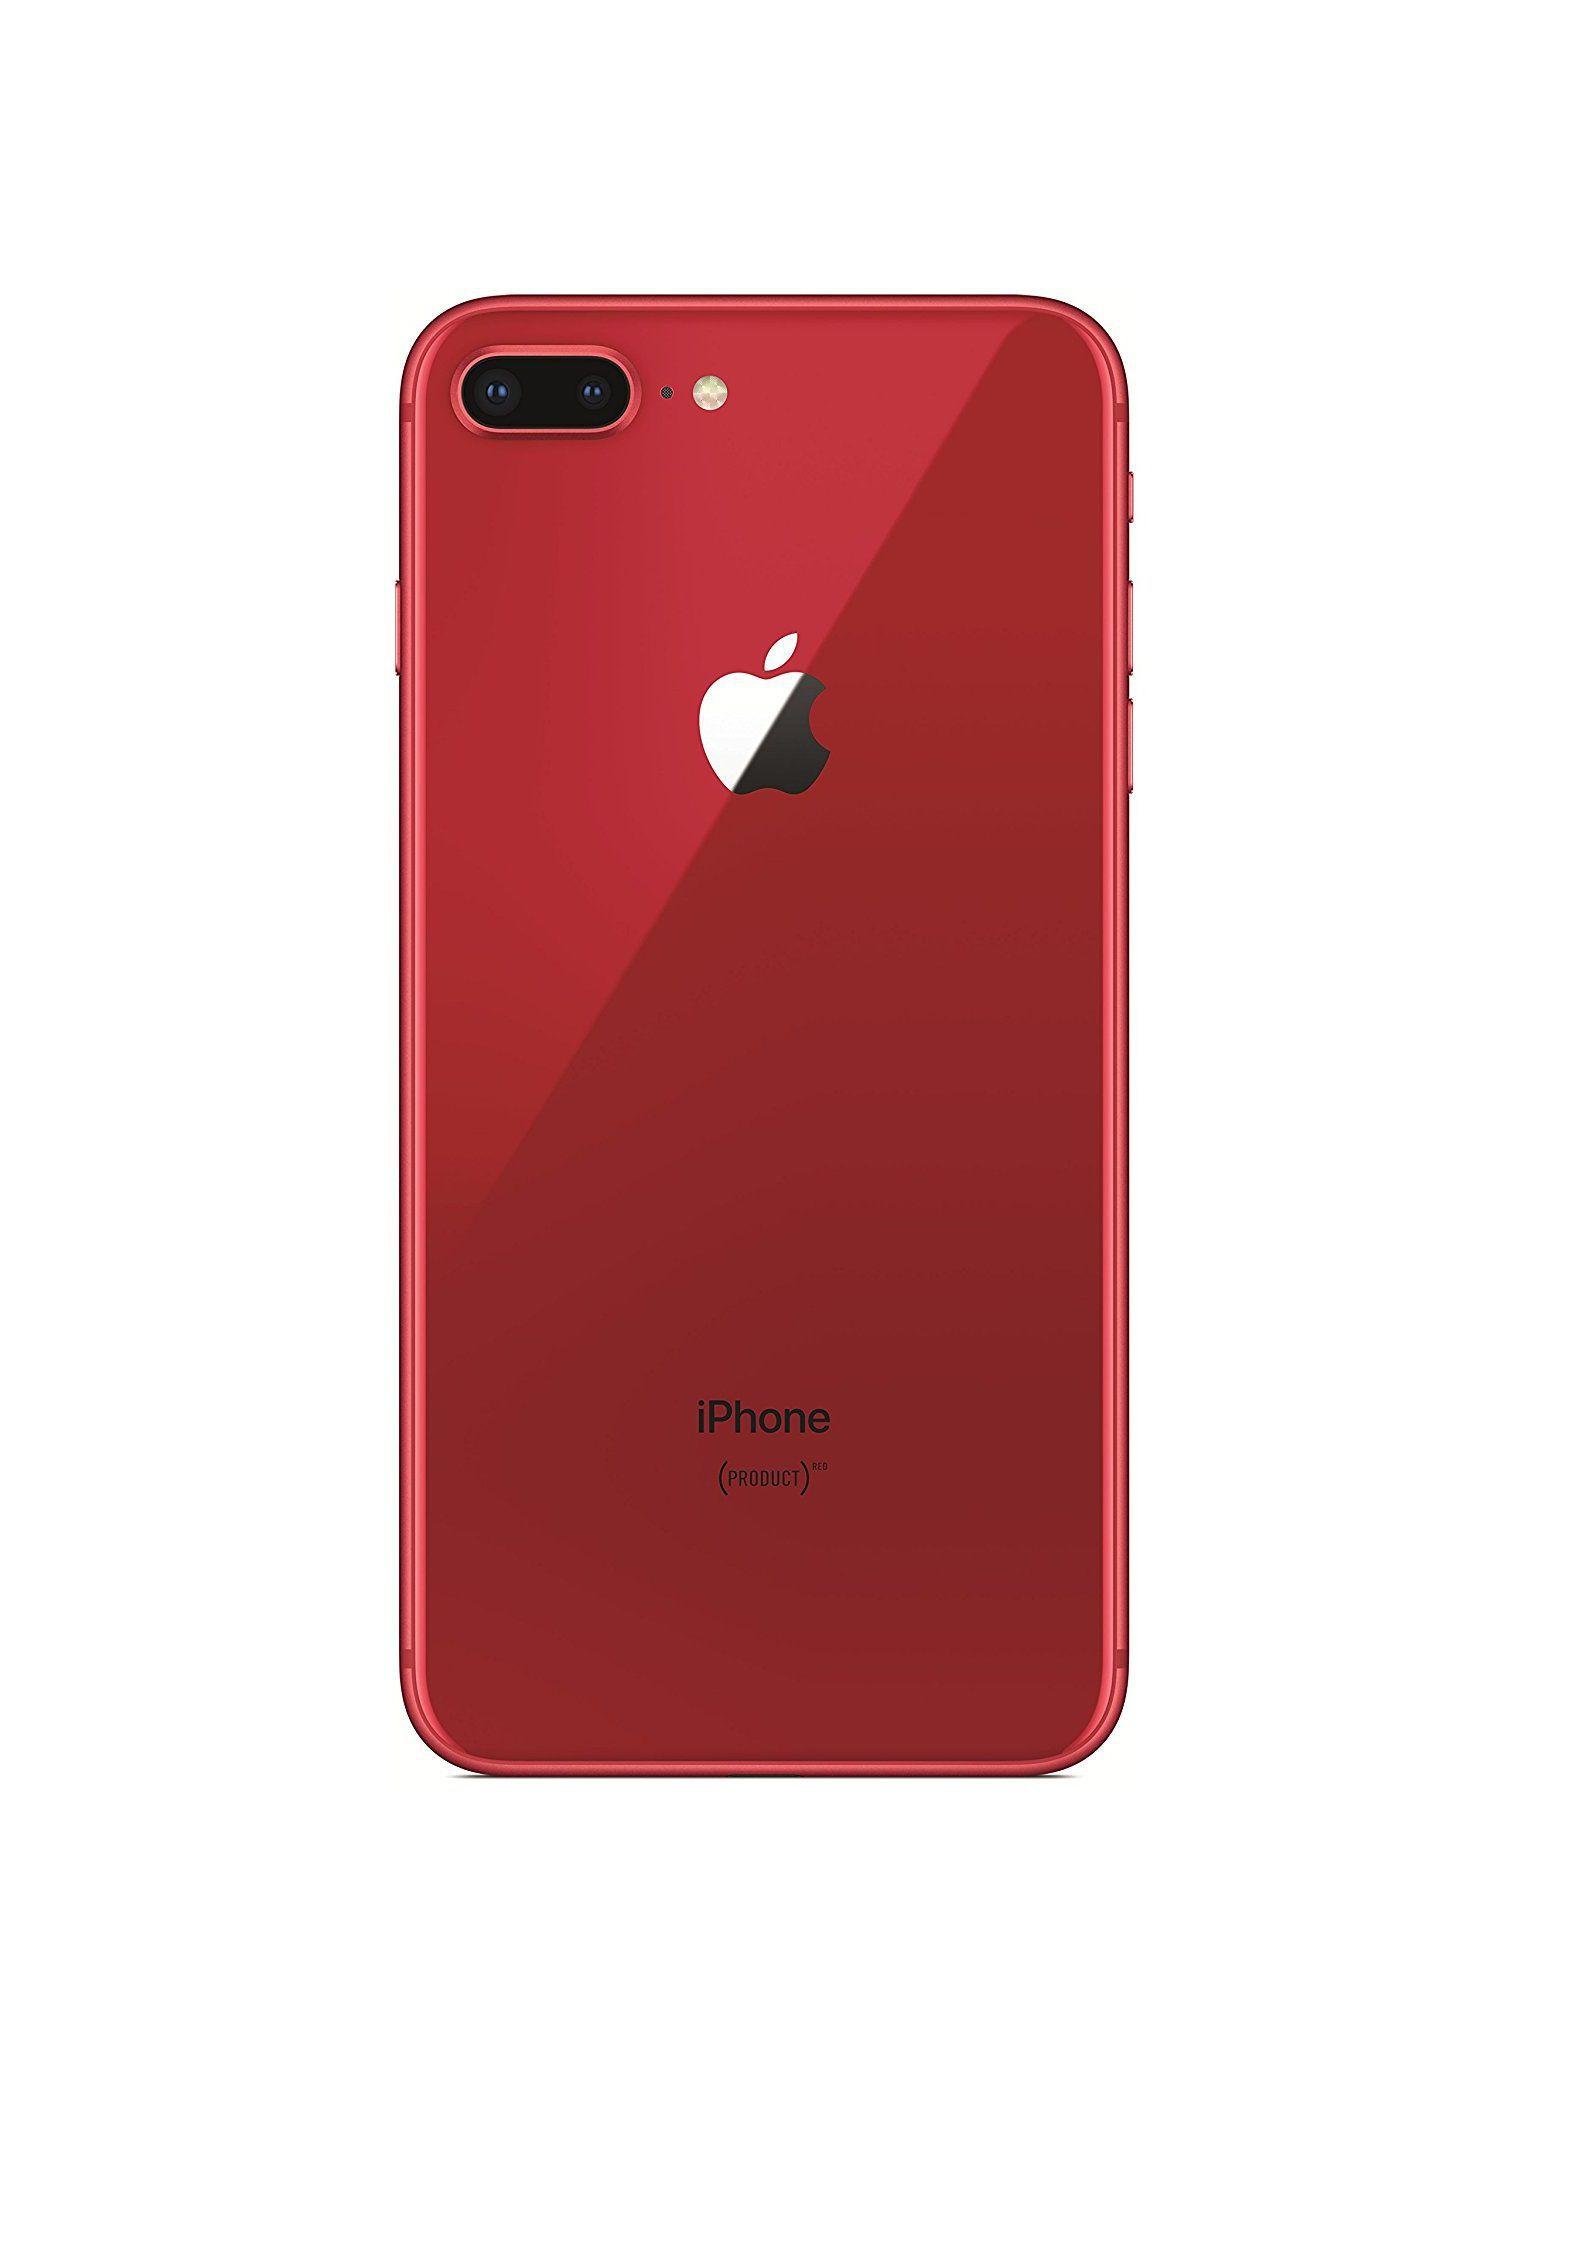 Apple iPhone 8 Plus Red 64GB 2GB RAM